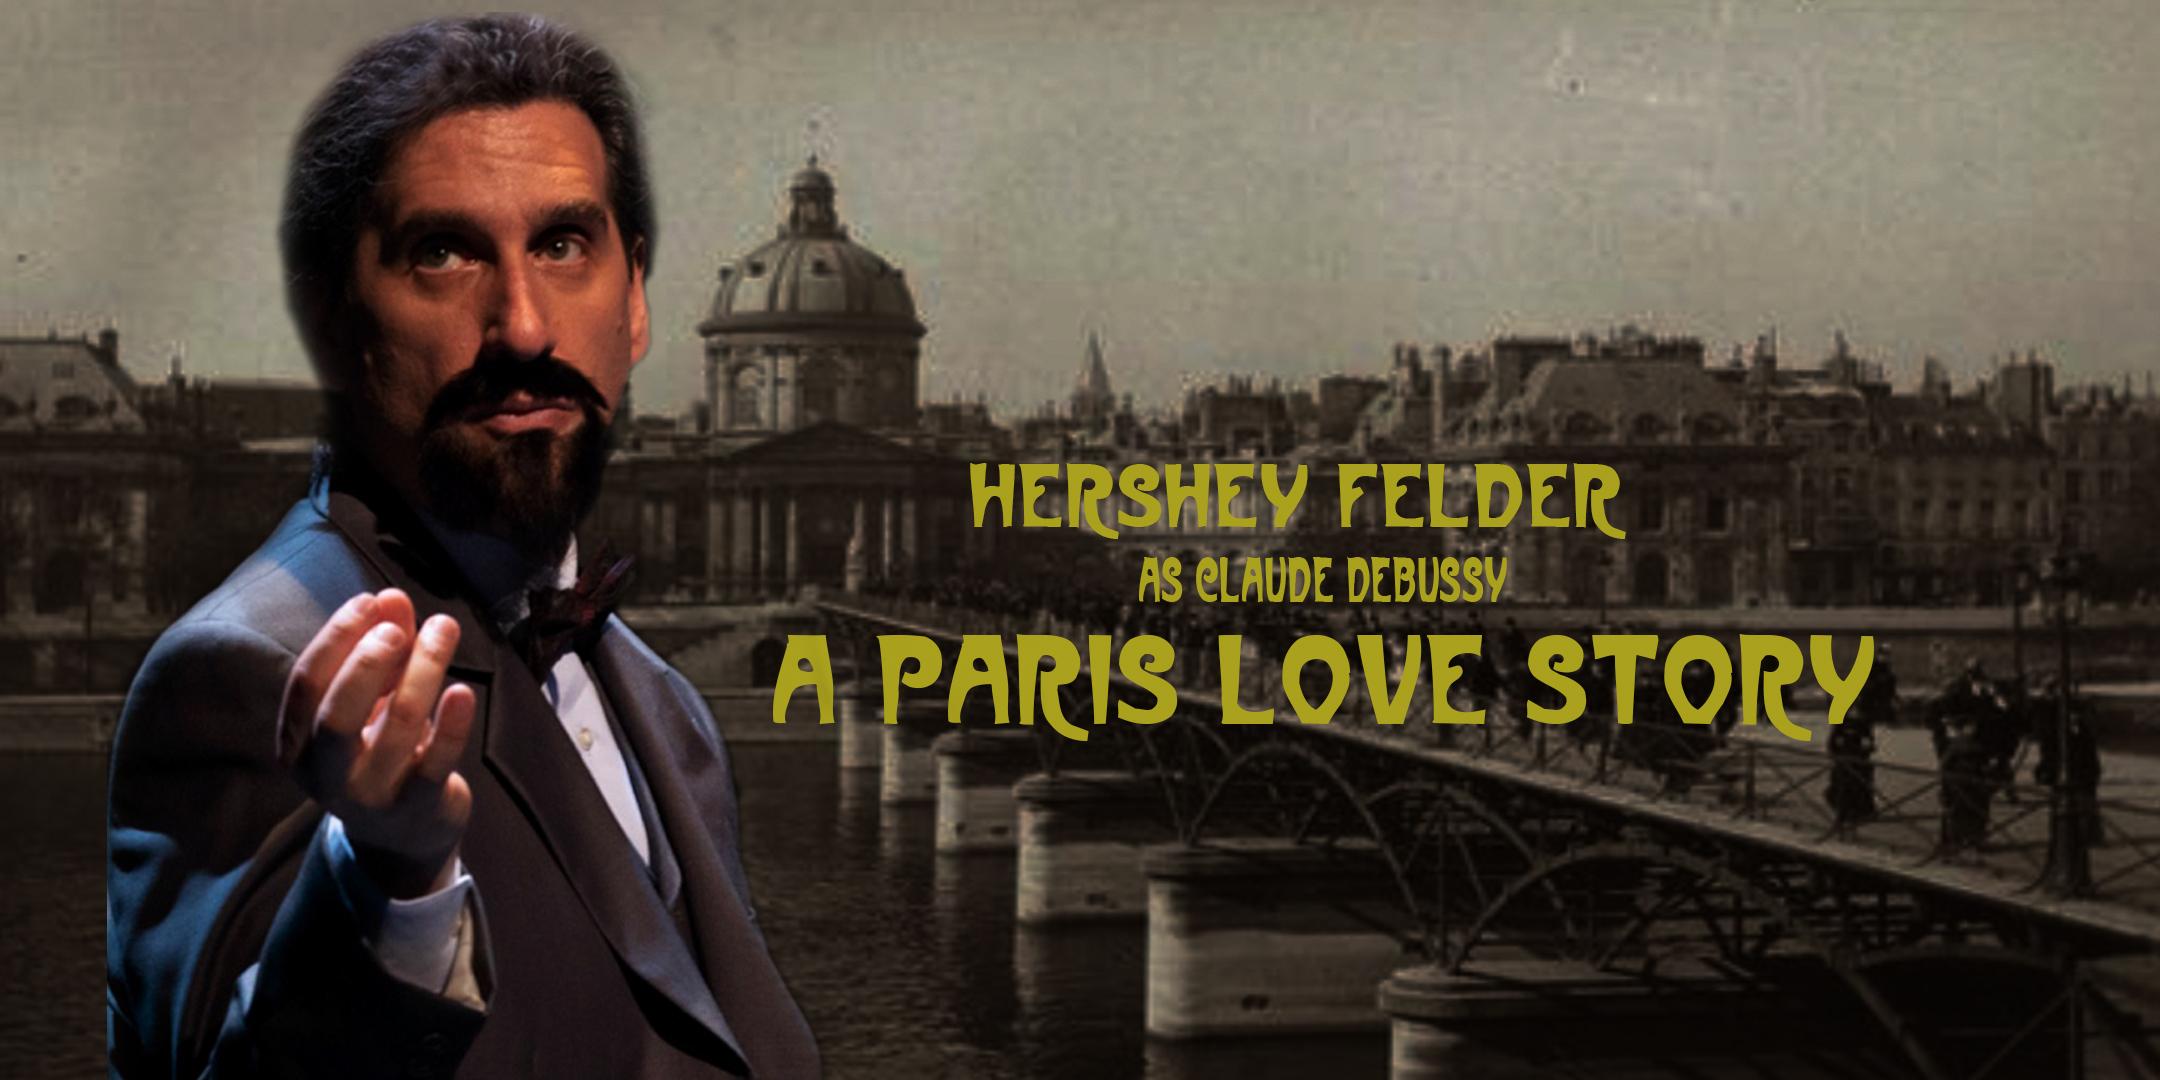 Hershey Felder in